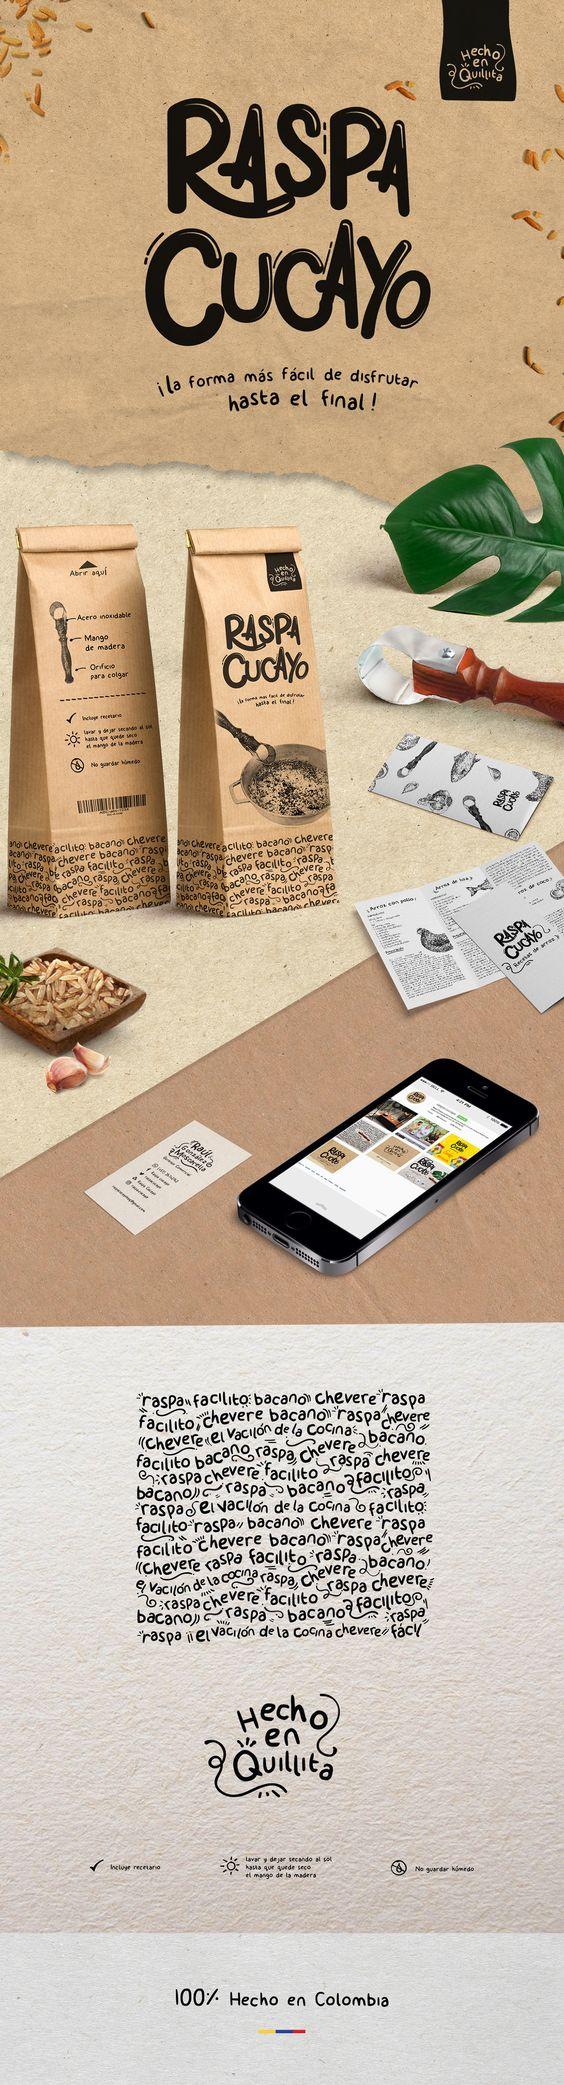 Raspa Cuayo - Diseño de marca y empaque para el producto Colombiano 100% hecho a…